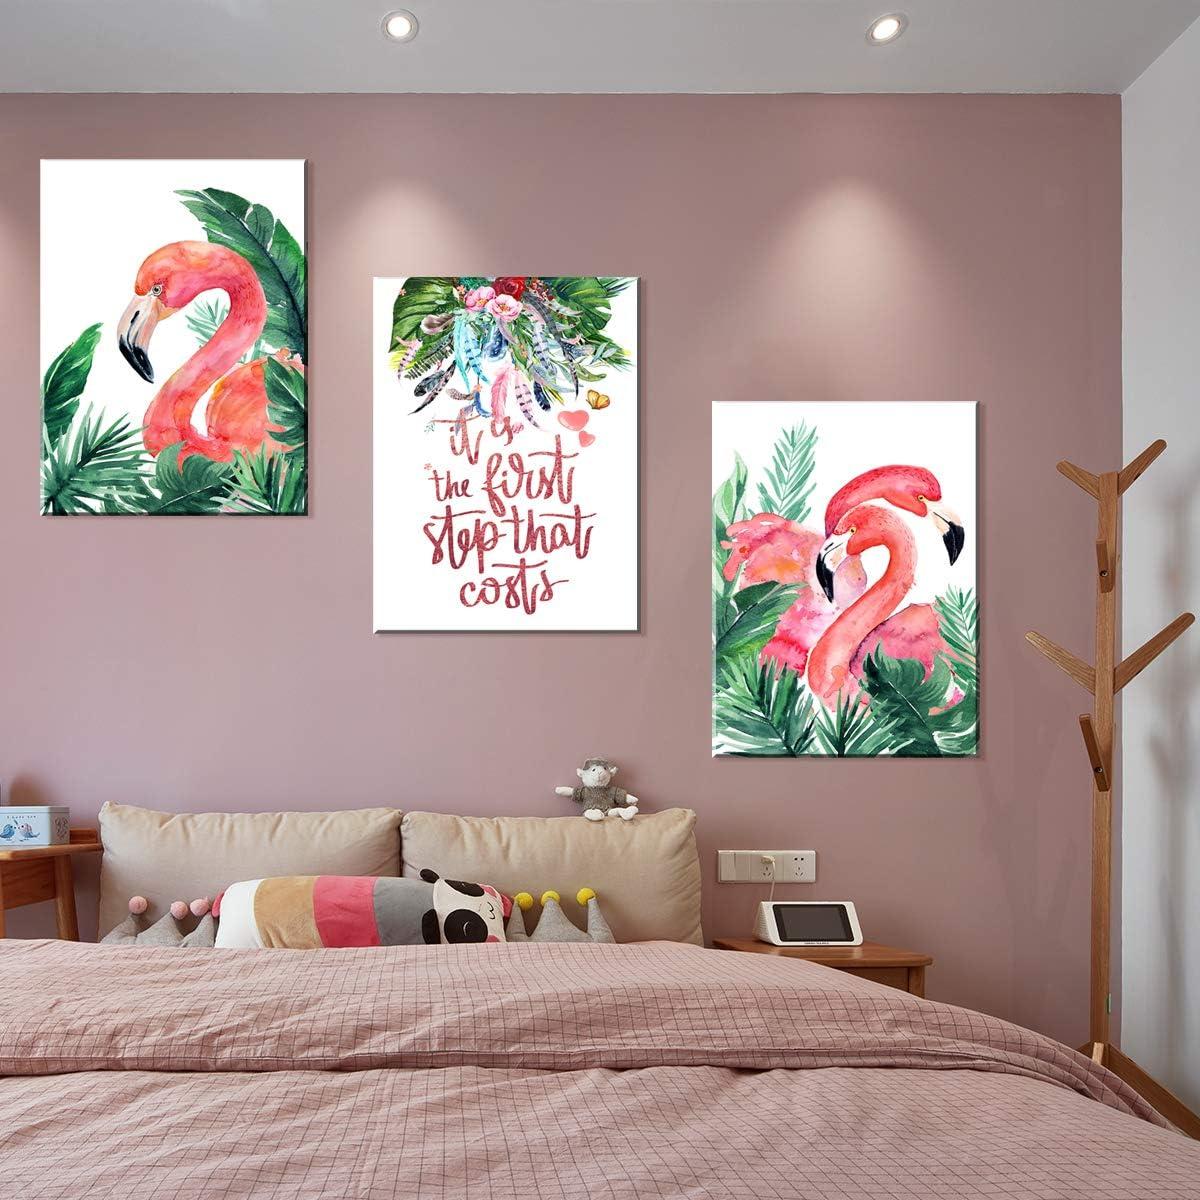 Enmarcado 12x18inch P/óster de La Land en lienzo y pared con impresi/ón moderna para decoraci/ón de dormitorio familiar